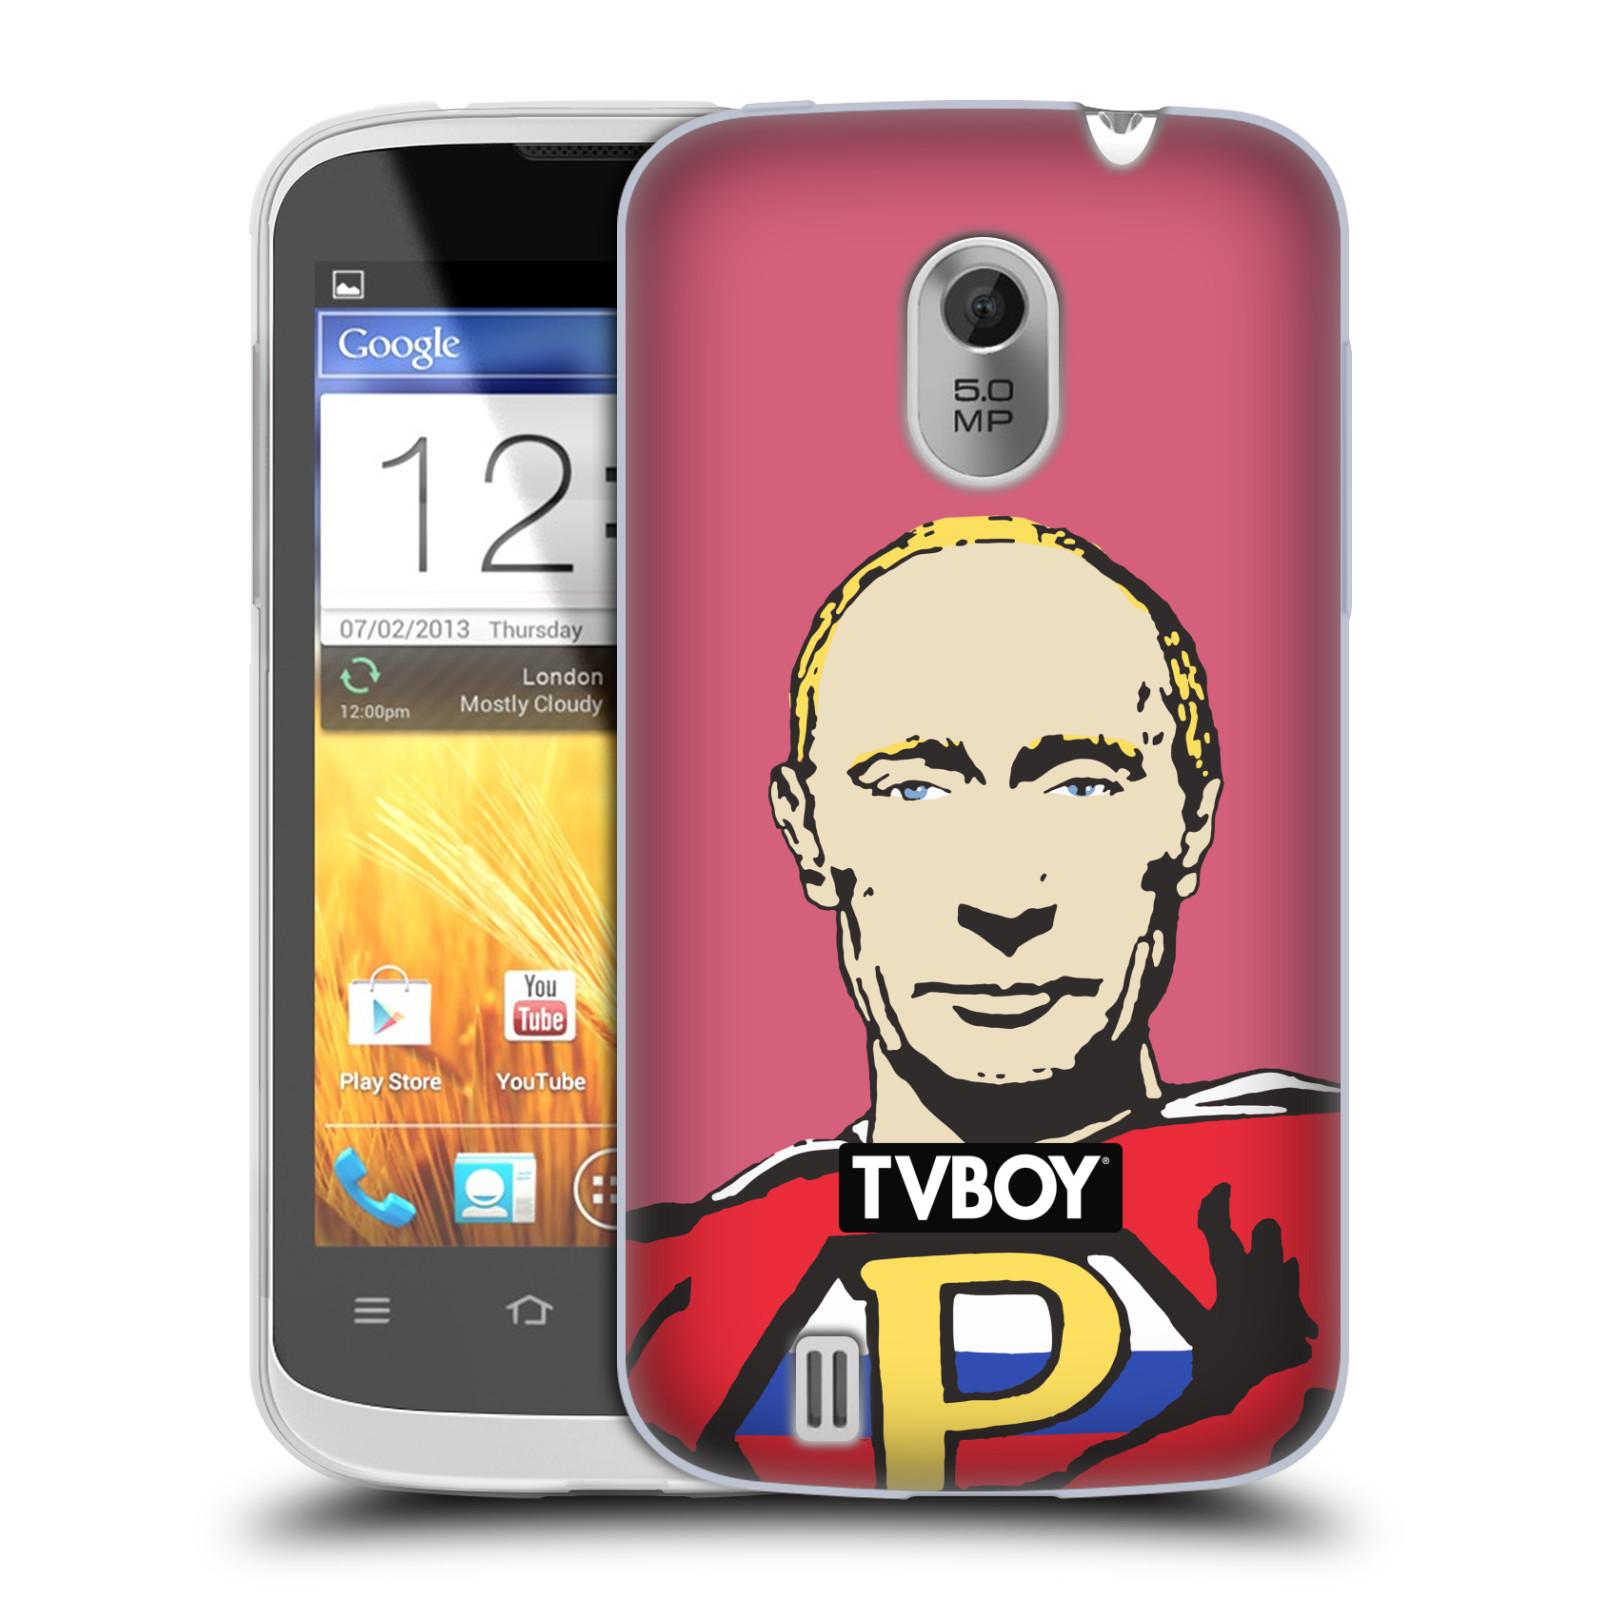 Silikonové pouzdro na mobil ZTE Blade III HEAD CASE - TVBOY - Super Putin (Silikonový kryt či obal na mobilní telefon s licencovaným motivem TVBOY pro ZTE Blade 3)